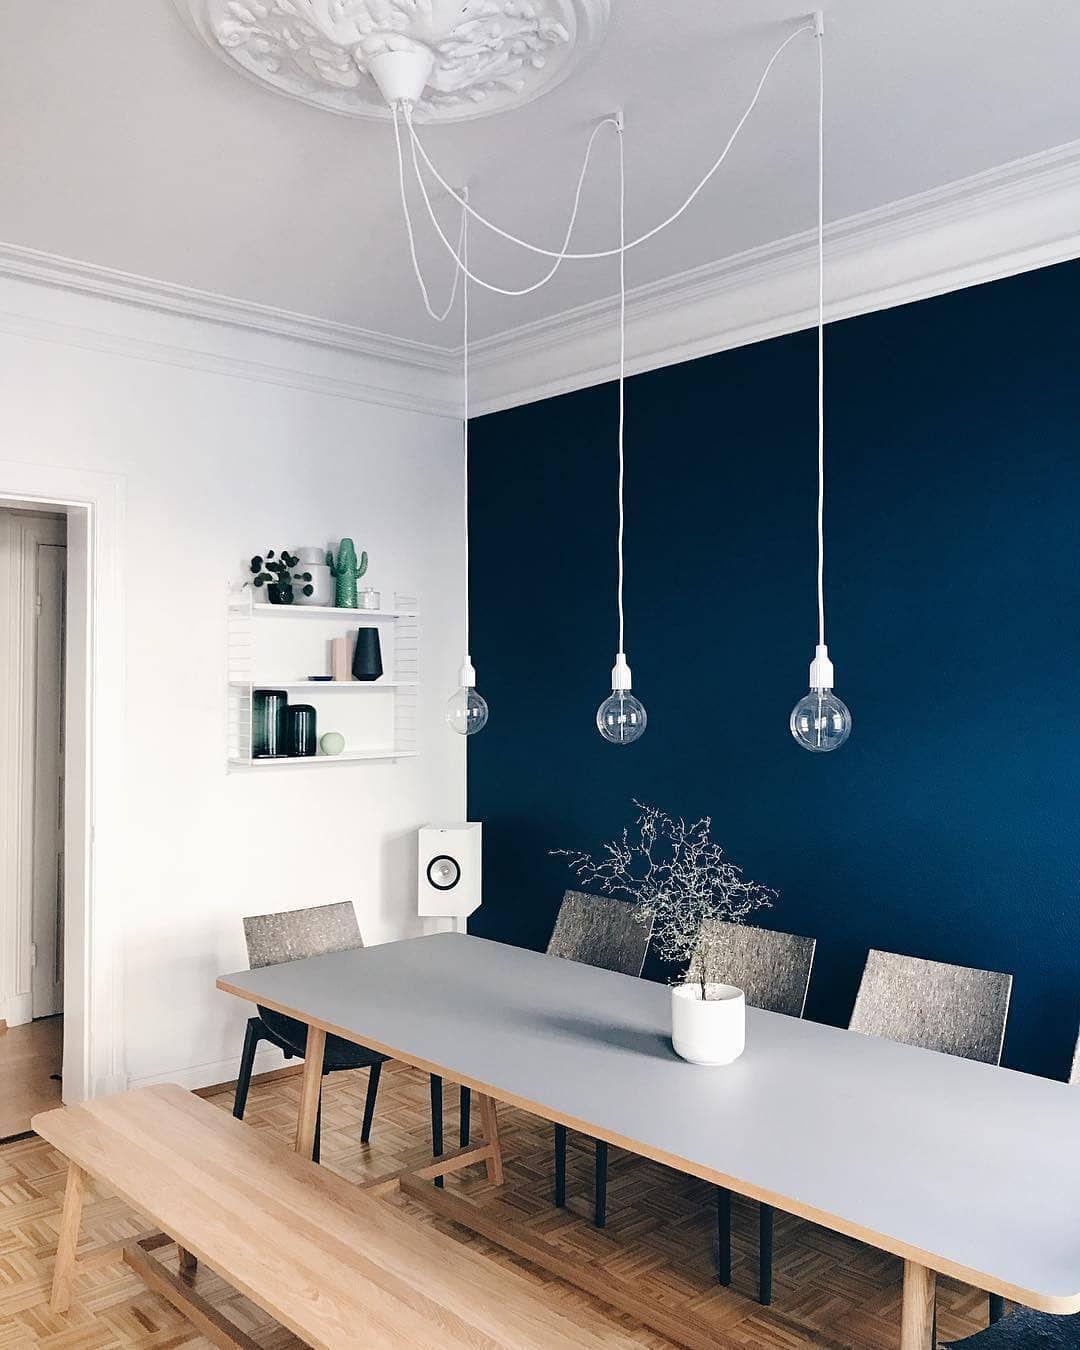 Die Dunkelblaue Wandfarbe Lasst Das Esszimmer Von Mitglied Kristina Ahoi So Elegant Und Gemutlich Zugleich Dunkelblaue Wande Esszimmer Wande Blaues Wohnzimmer